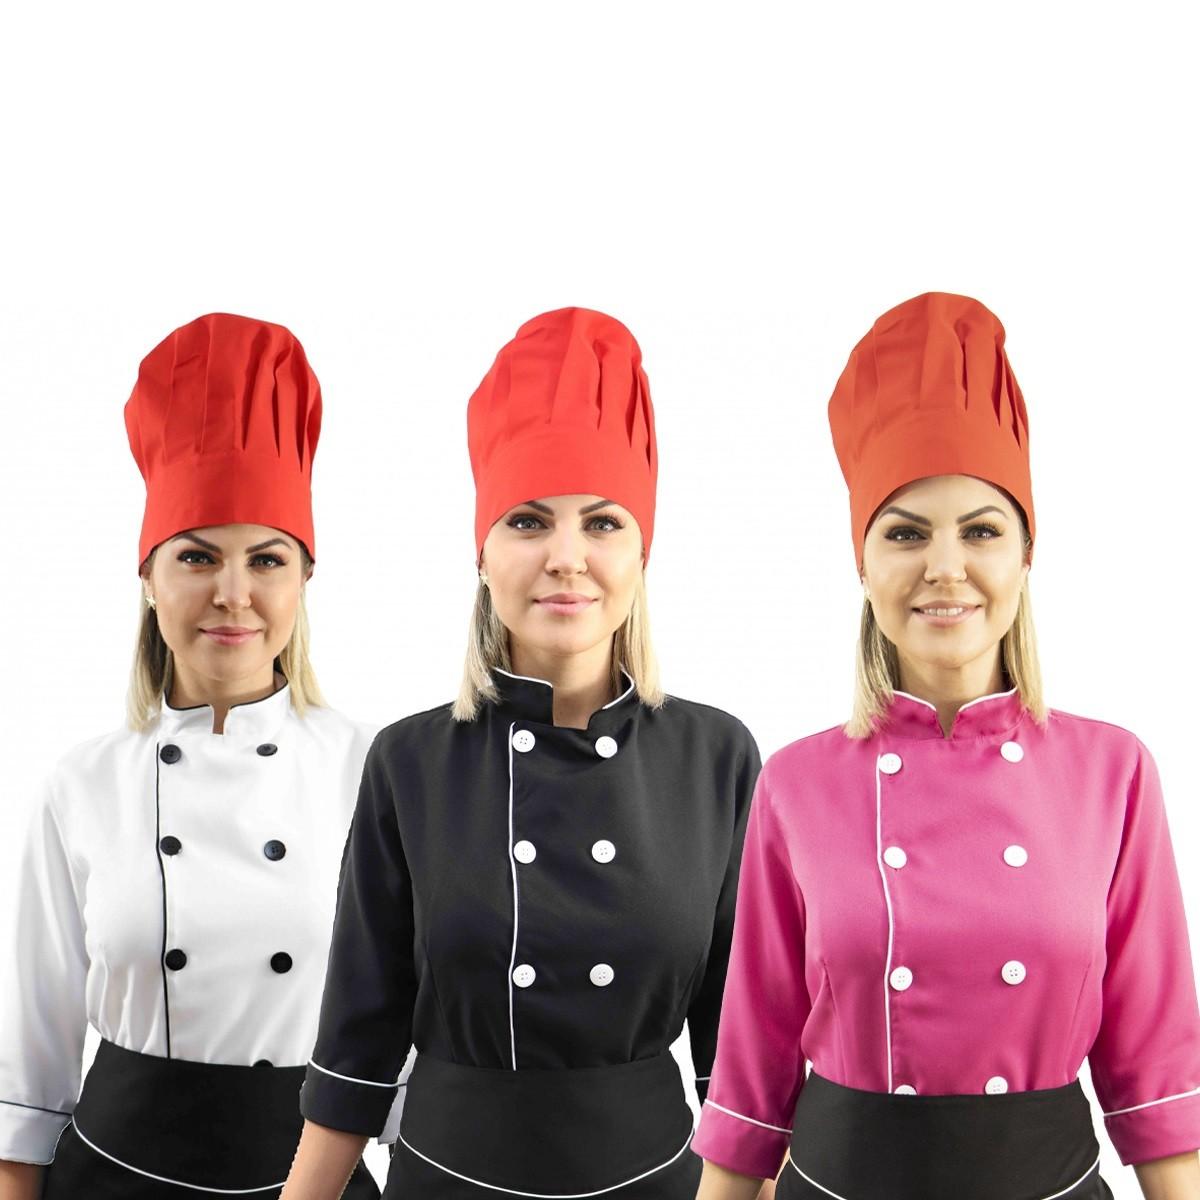 Kit Chef Cozinha Feminino Dolmã Manga 3/4 + Avental preto + Chapéu vermelho